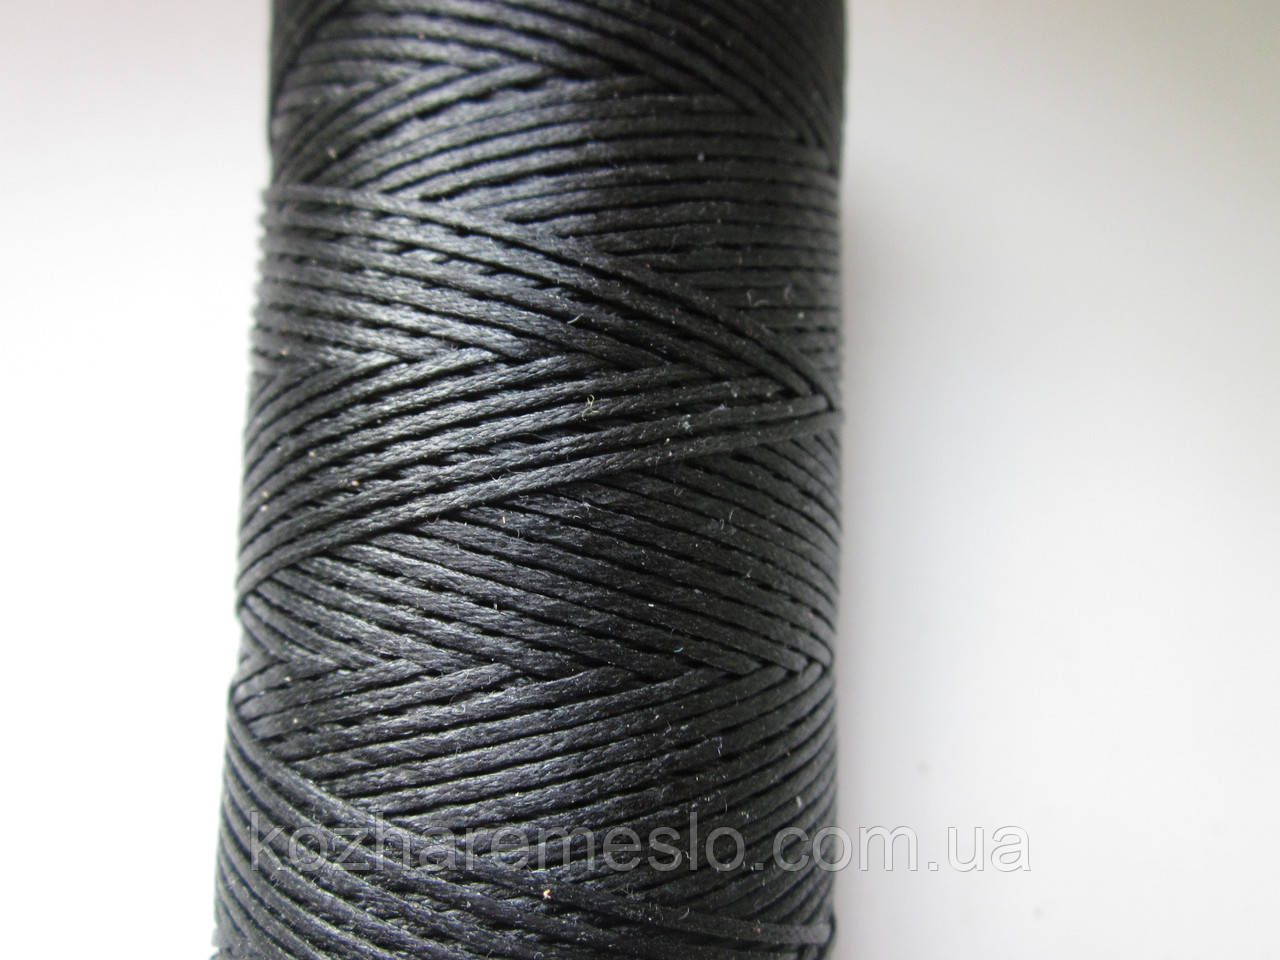 Нить вощёная плоская 0,8 мм чёрная